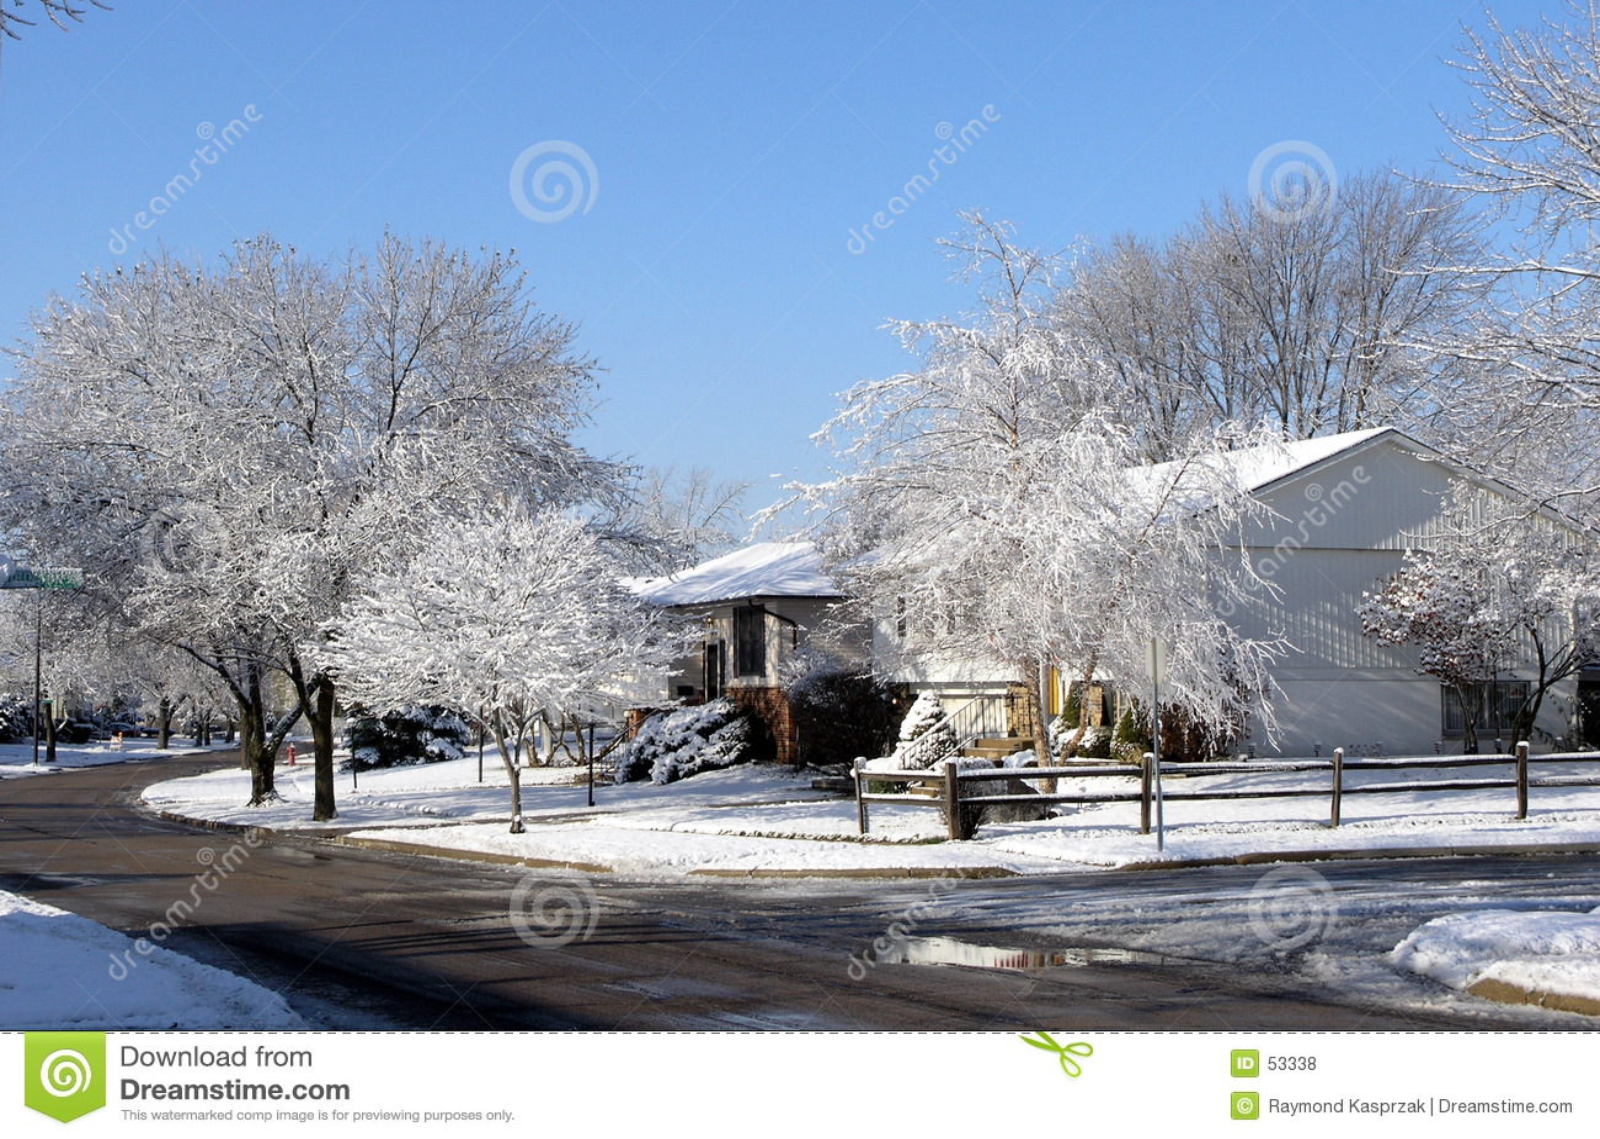 Midwest scene winter